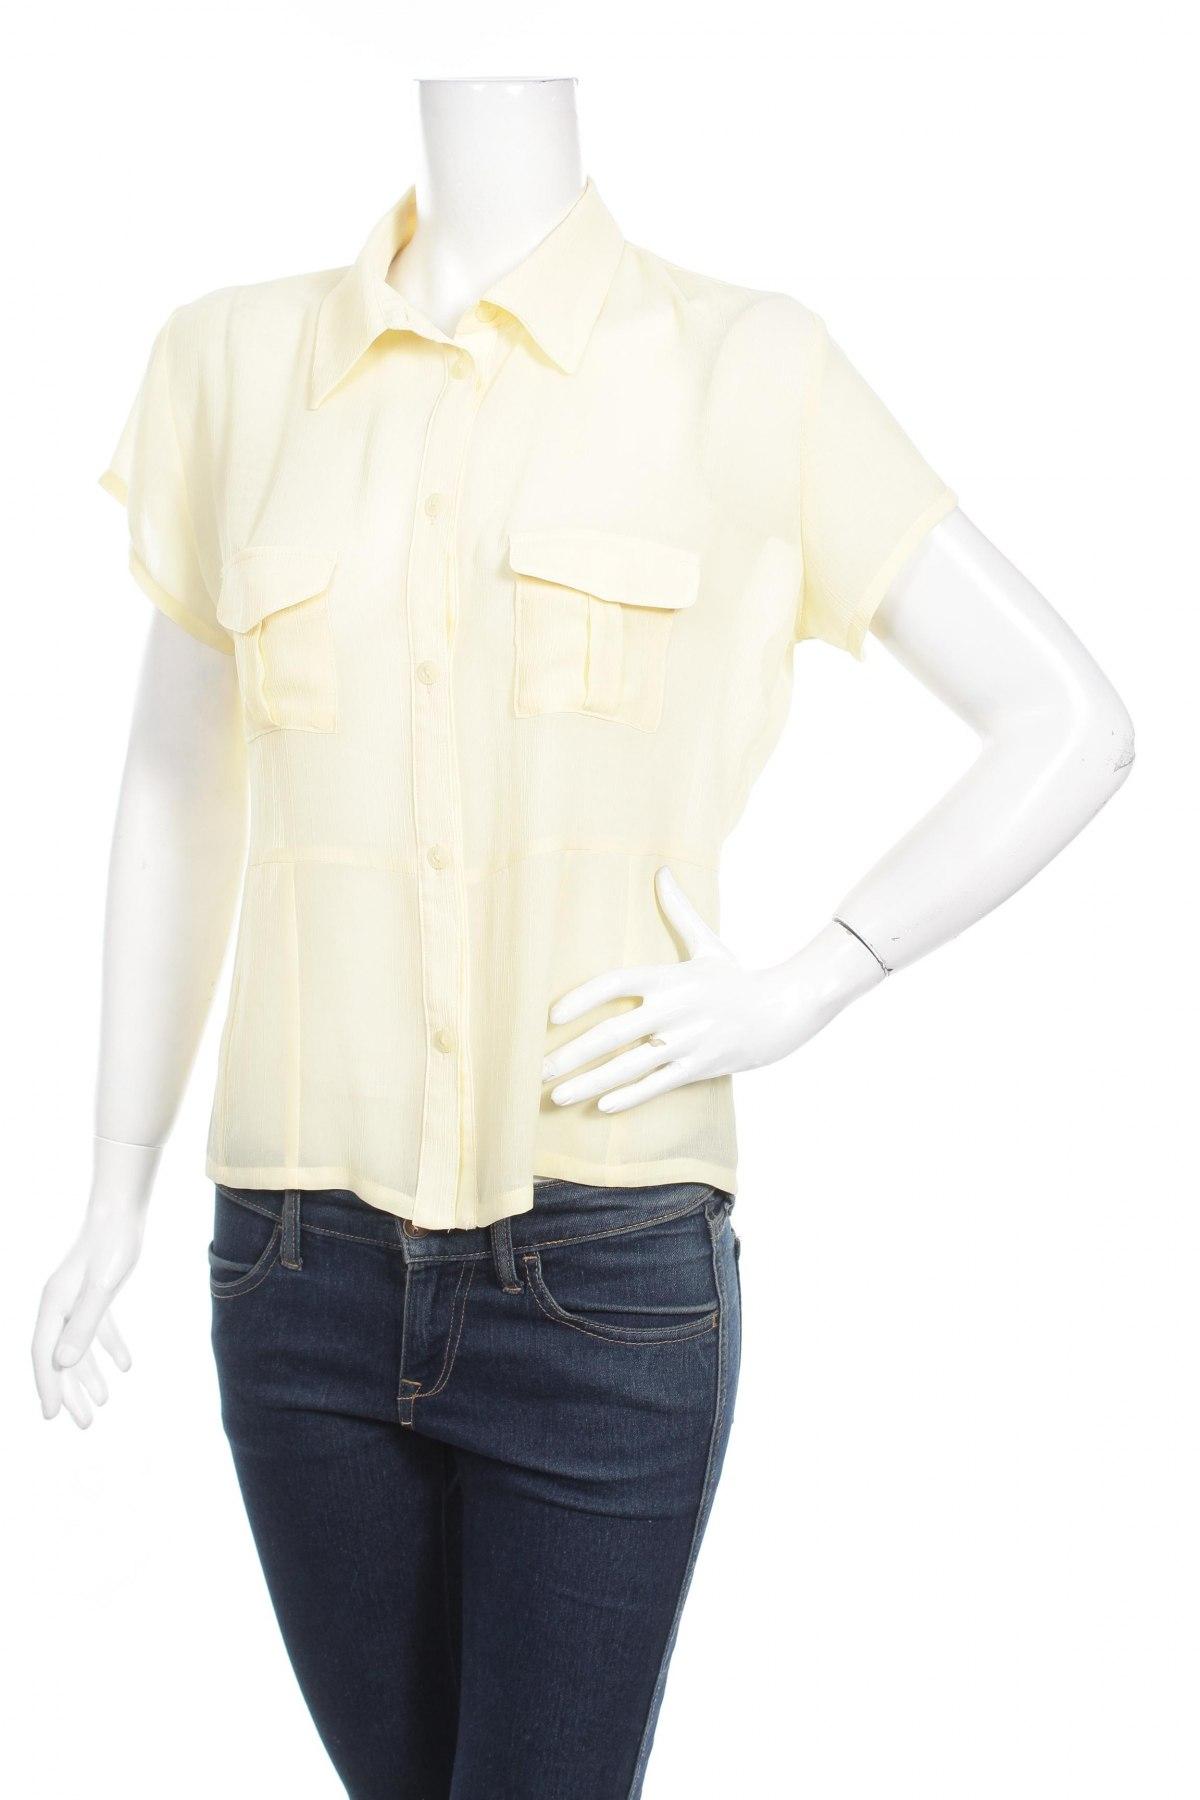 Γυναικείο πουκάμισο Villaggio, Μέγεθος L, Χρώμα Κίτρινο, Τιμή 9,28€